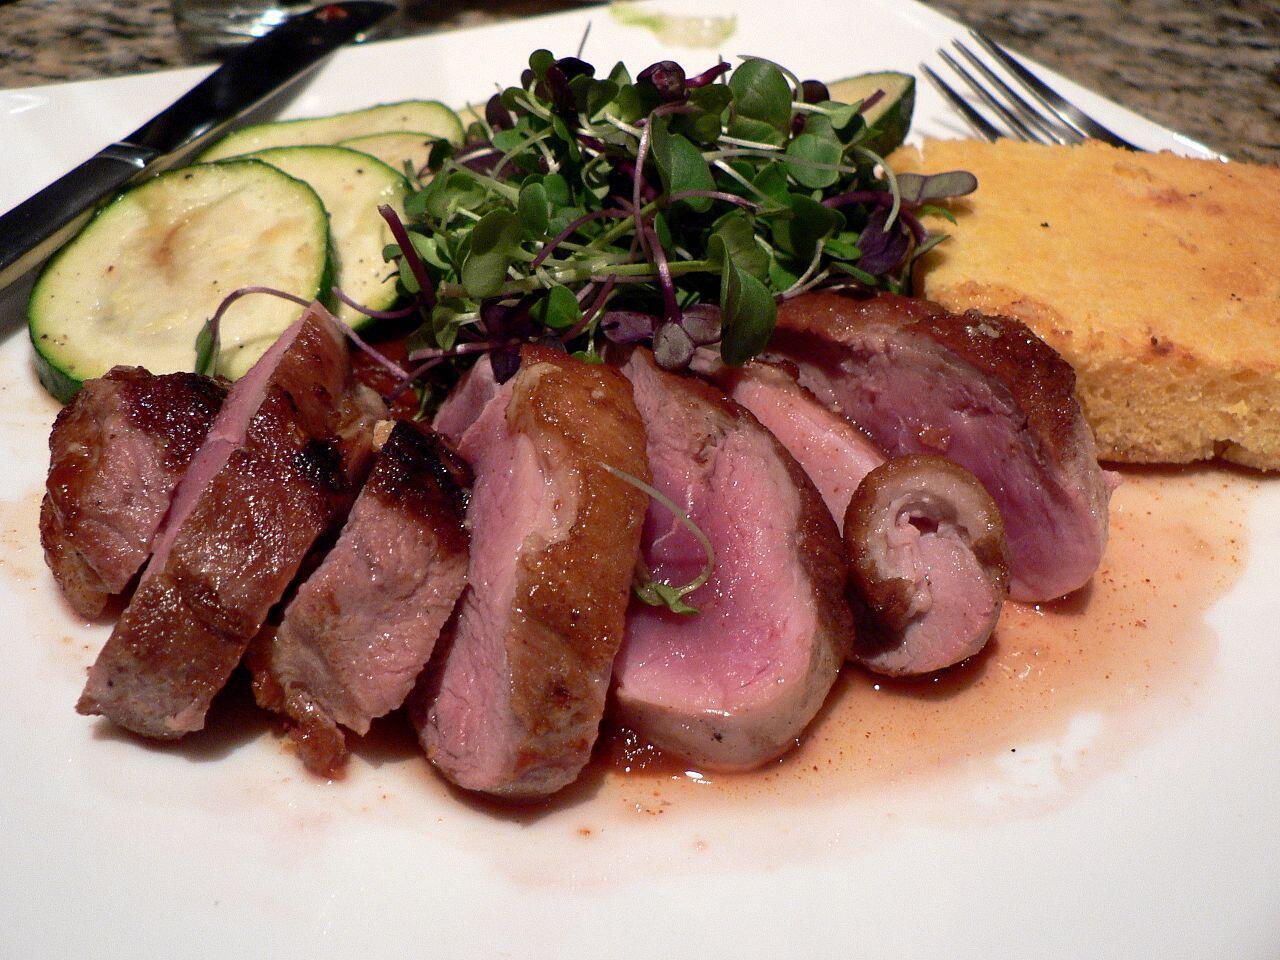 Y Tế Công Pháp khuyến nghị nên dùng 500gr/tuần các loại thịt trừ thịt gà.